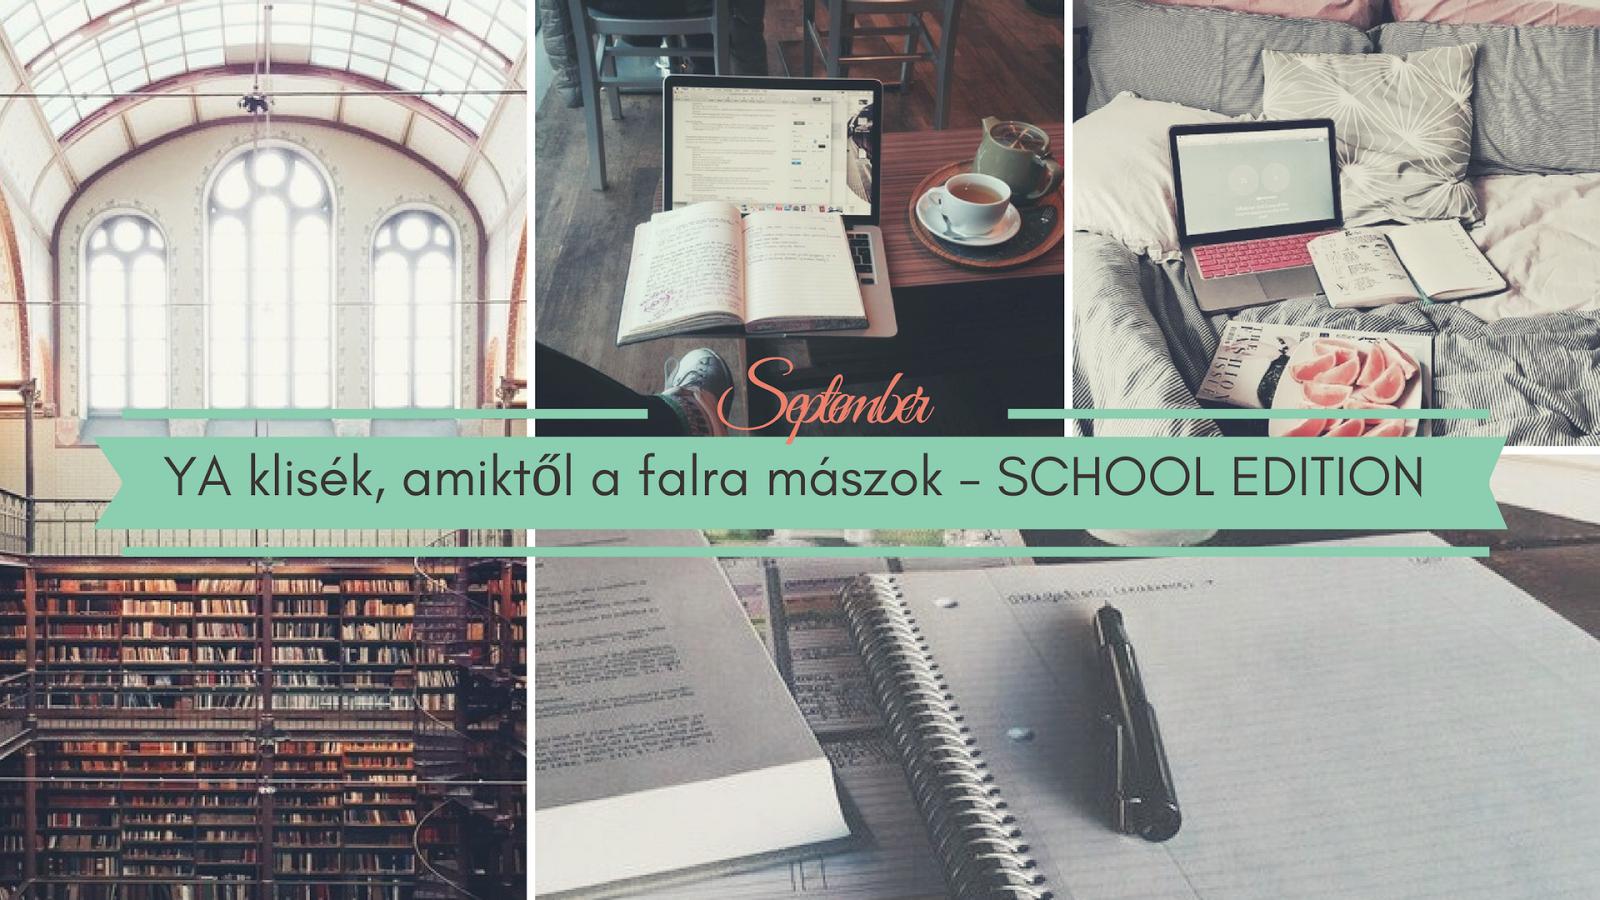 YA klisek, amiktol a falra maszok - SCHOOL EDITION